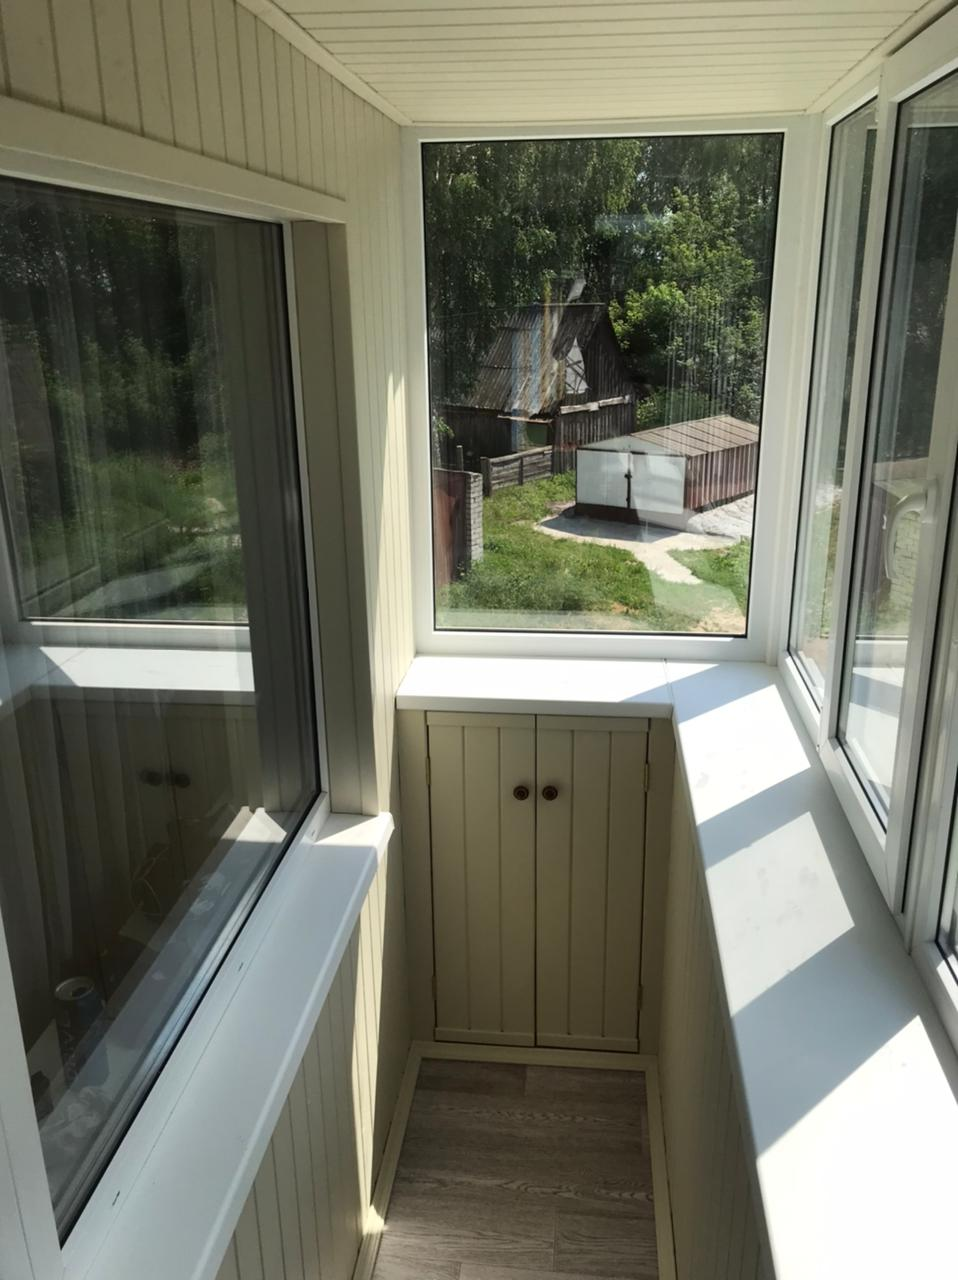 Отделка балкона, остекление, укладка пола в с. Айша, ул. Светлая 10 - фото